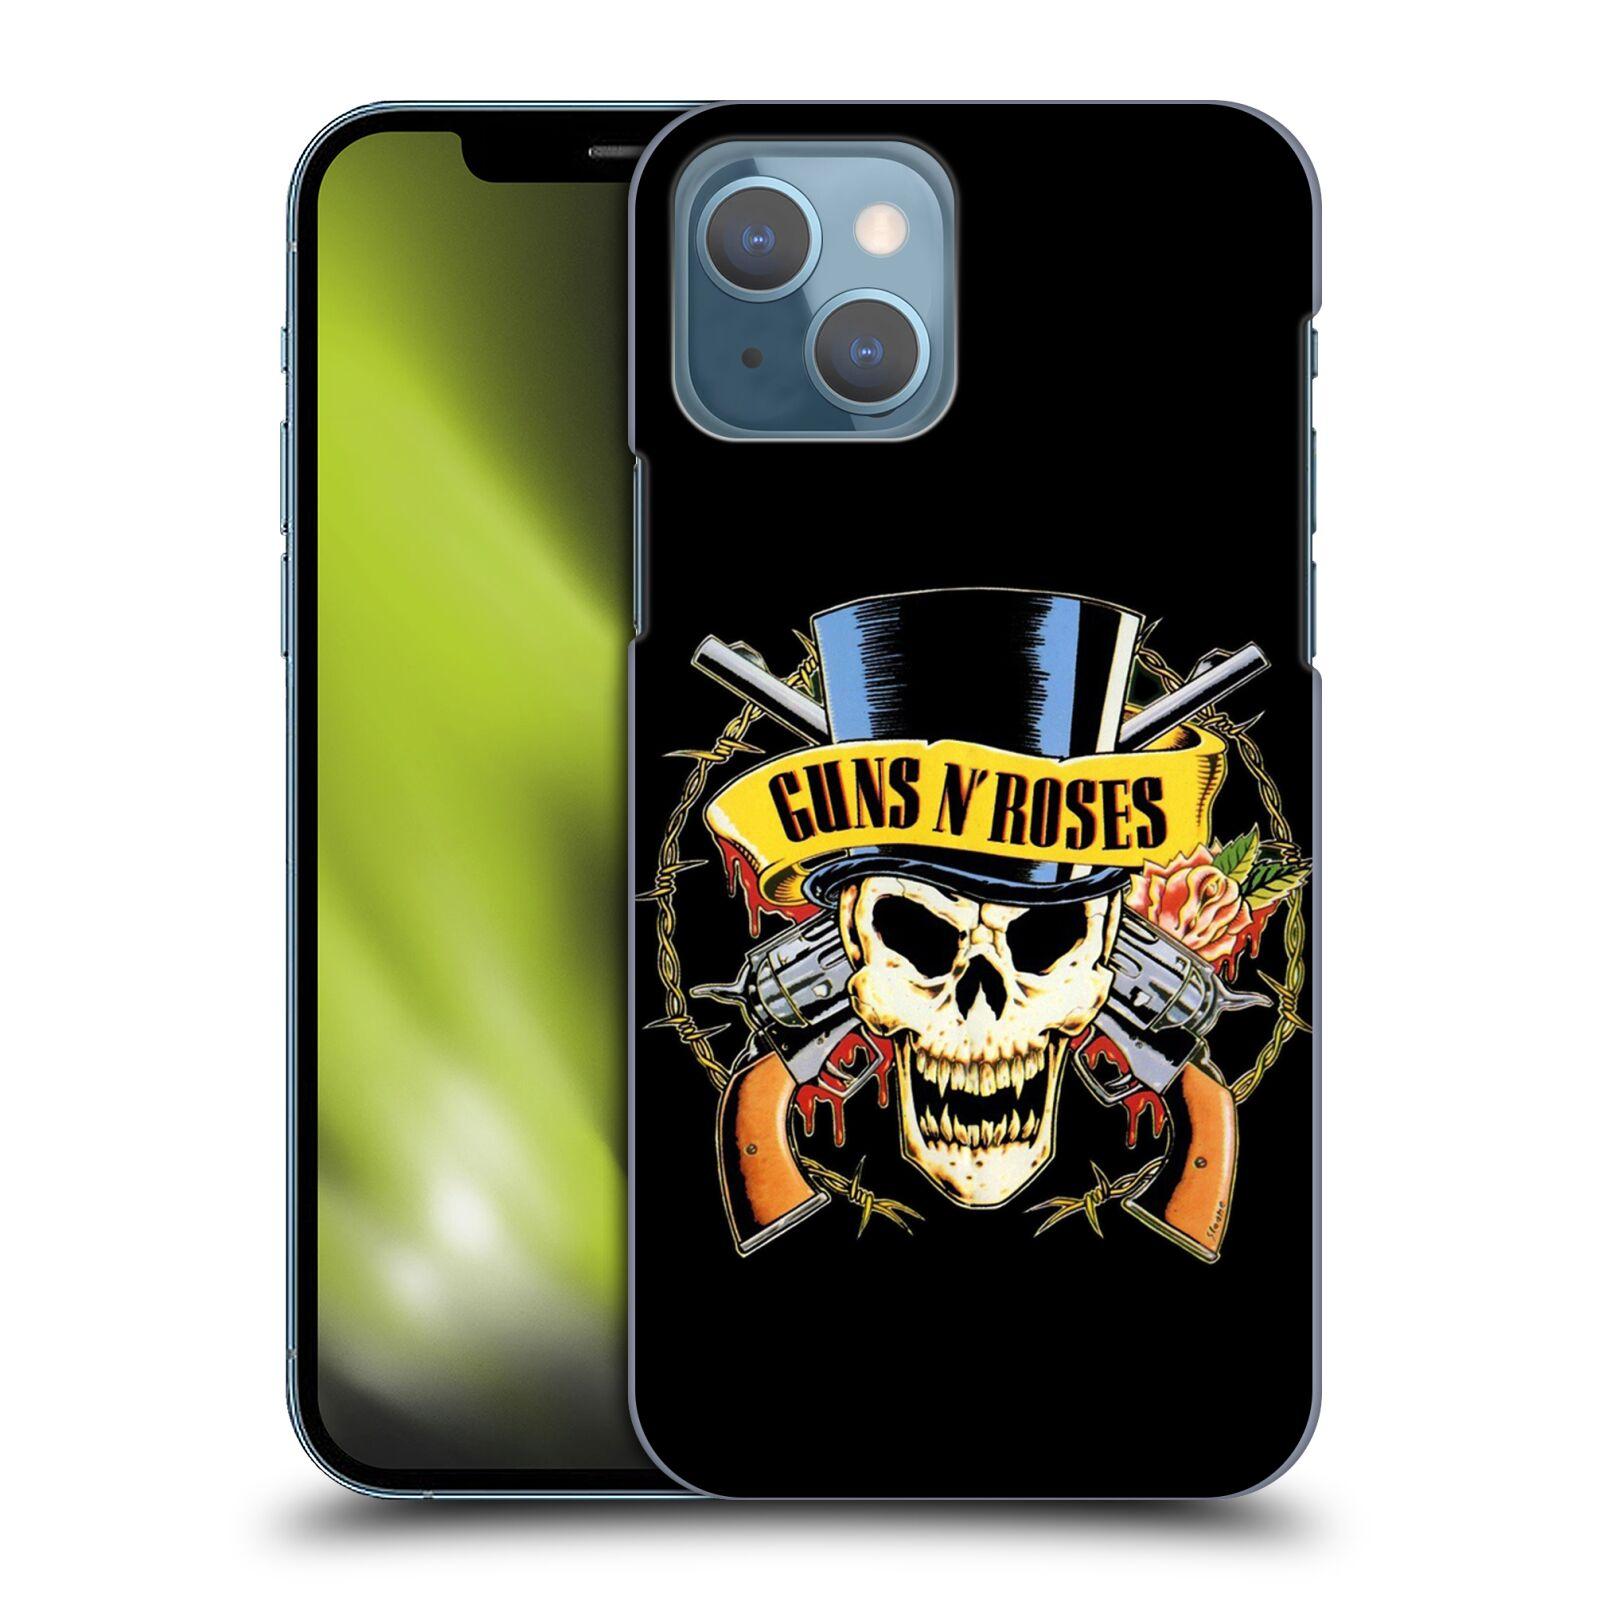 Plastové pouzdro na mobil Apple iPhone 13 - Head Case - Guns N' Roses - Lebka